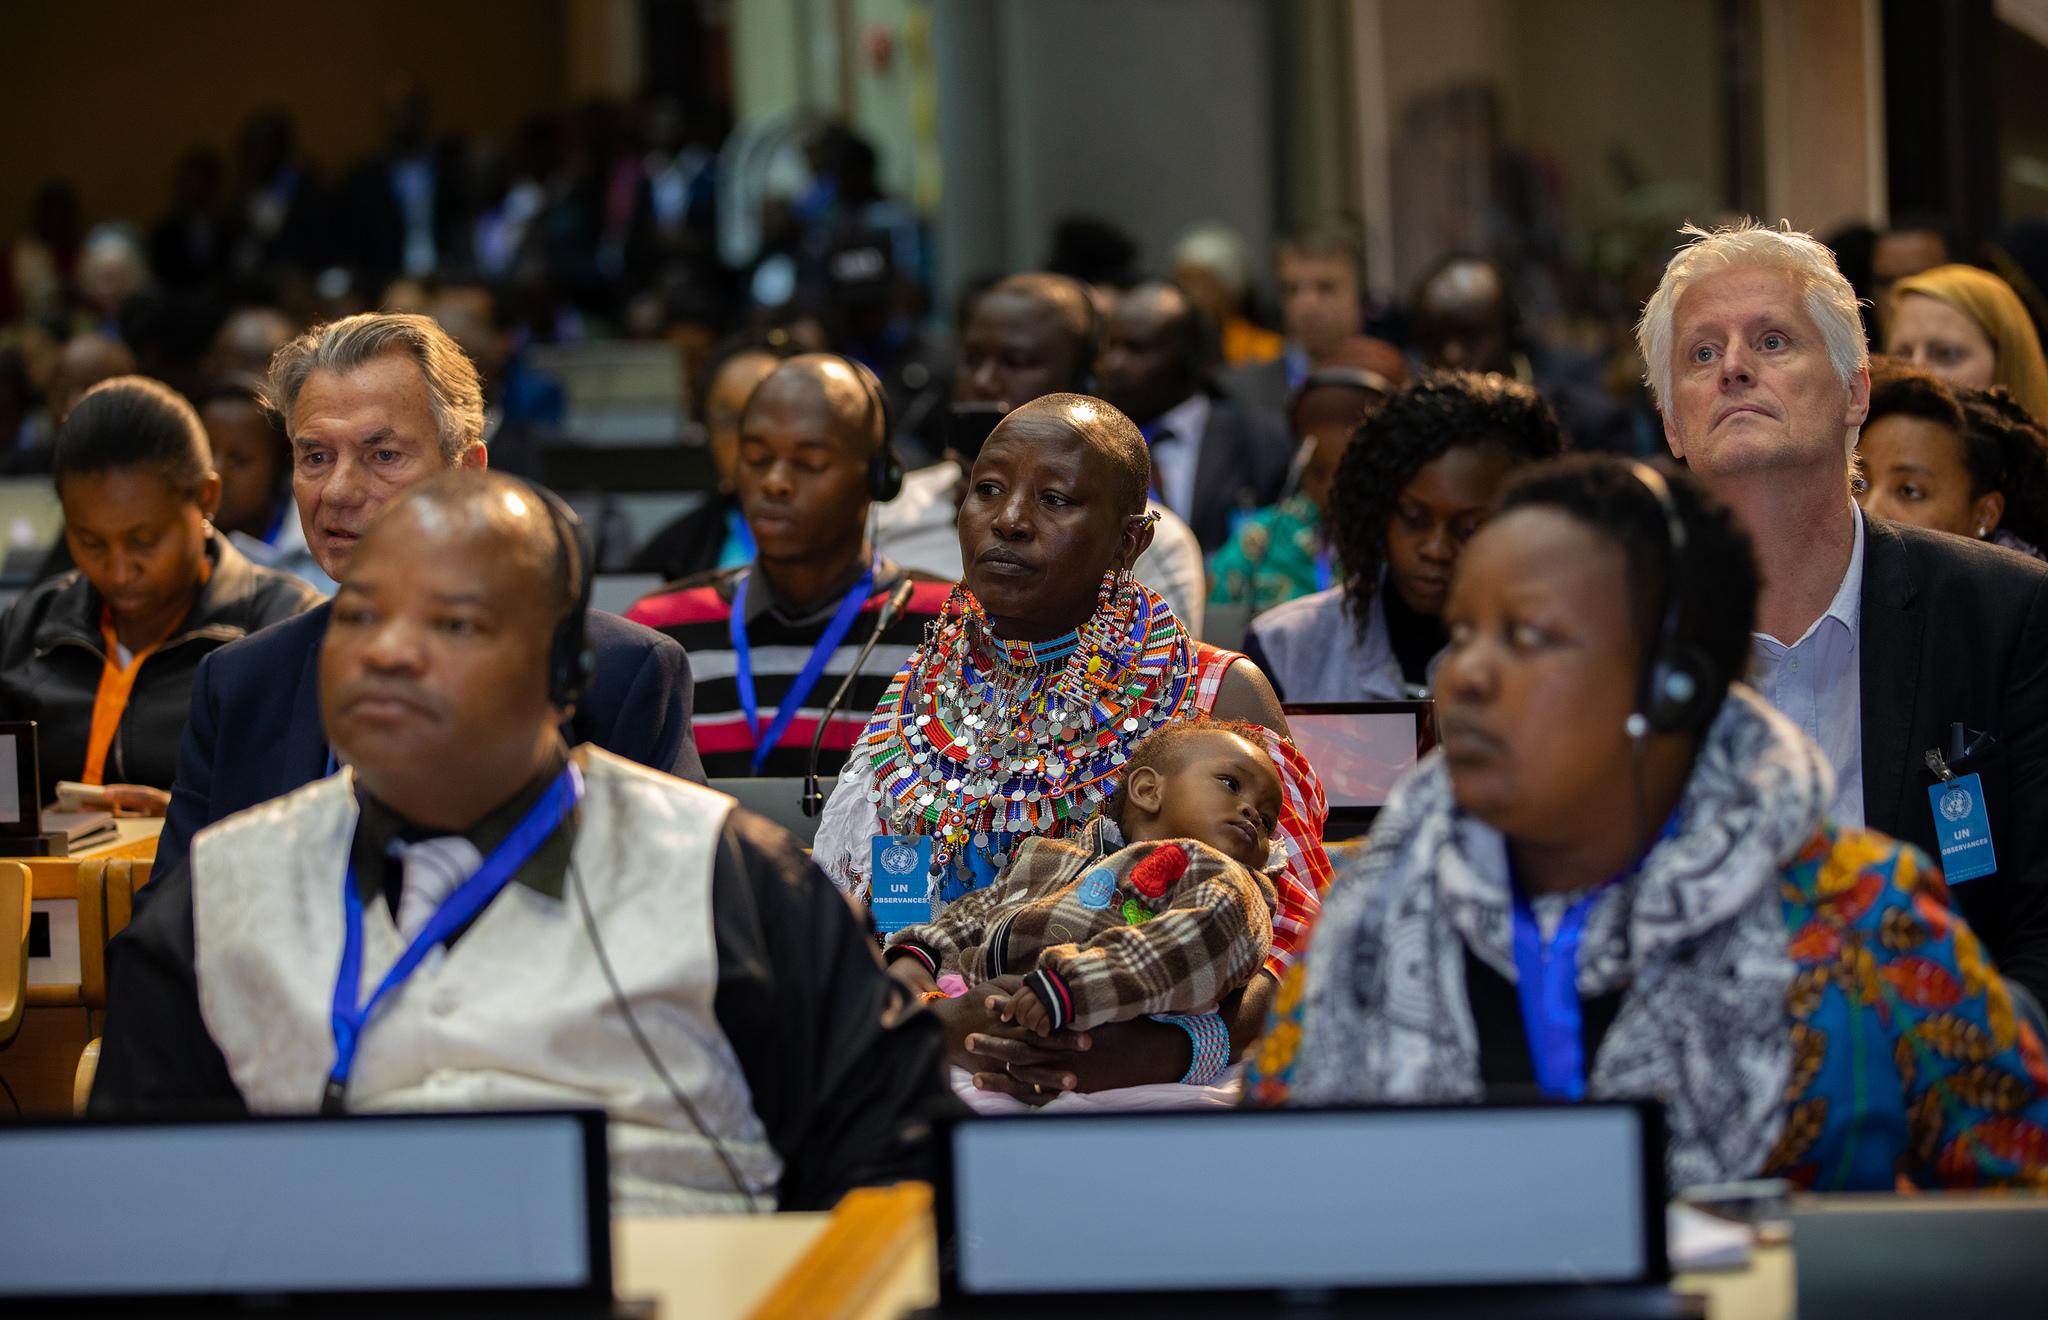 Una mujer masai cargando a un bebé (centro) asiste a la sesión plenaria del Foro Global sobre Paisajes en Nairobi 2018. (Foto: Global Landscapes Forum)